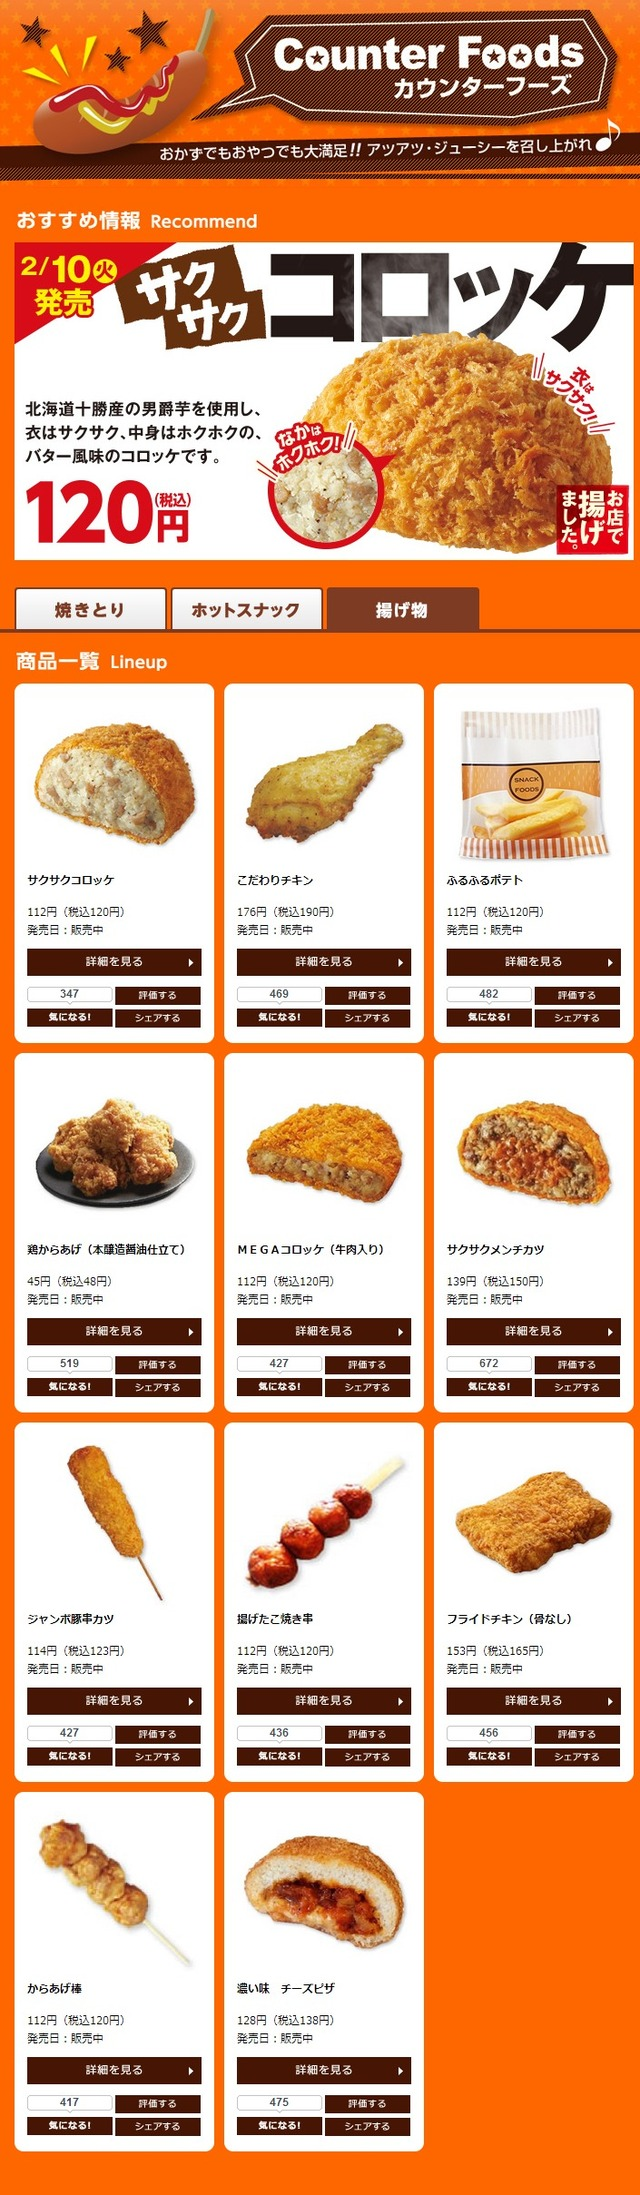 カウンターフーズ(揚げ物)   商品情報   サークルKサンクス